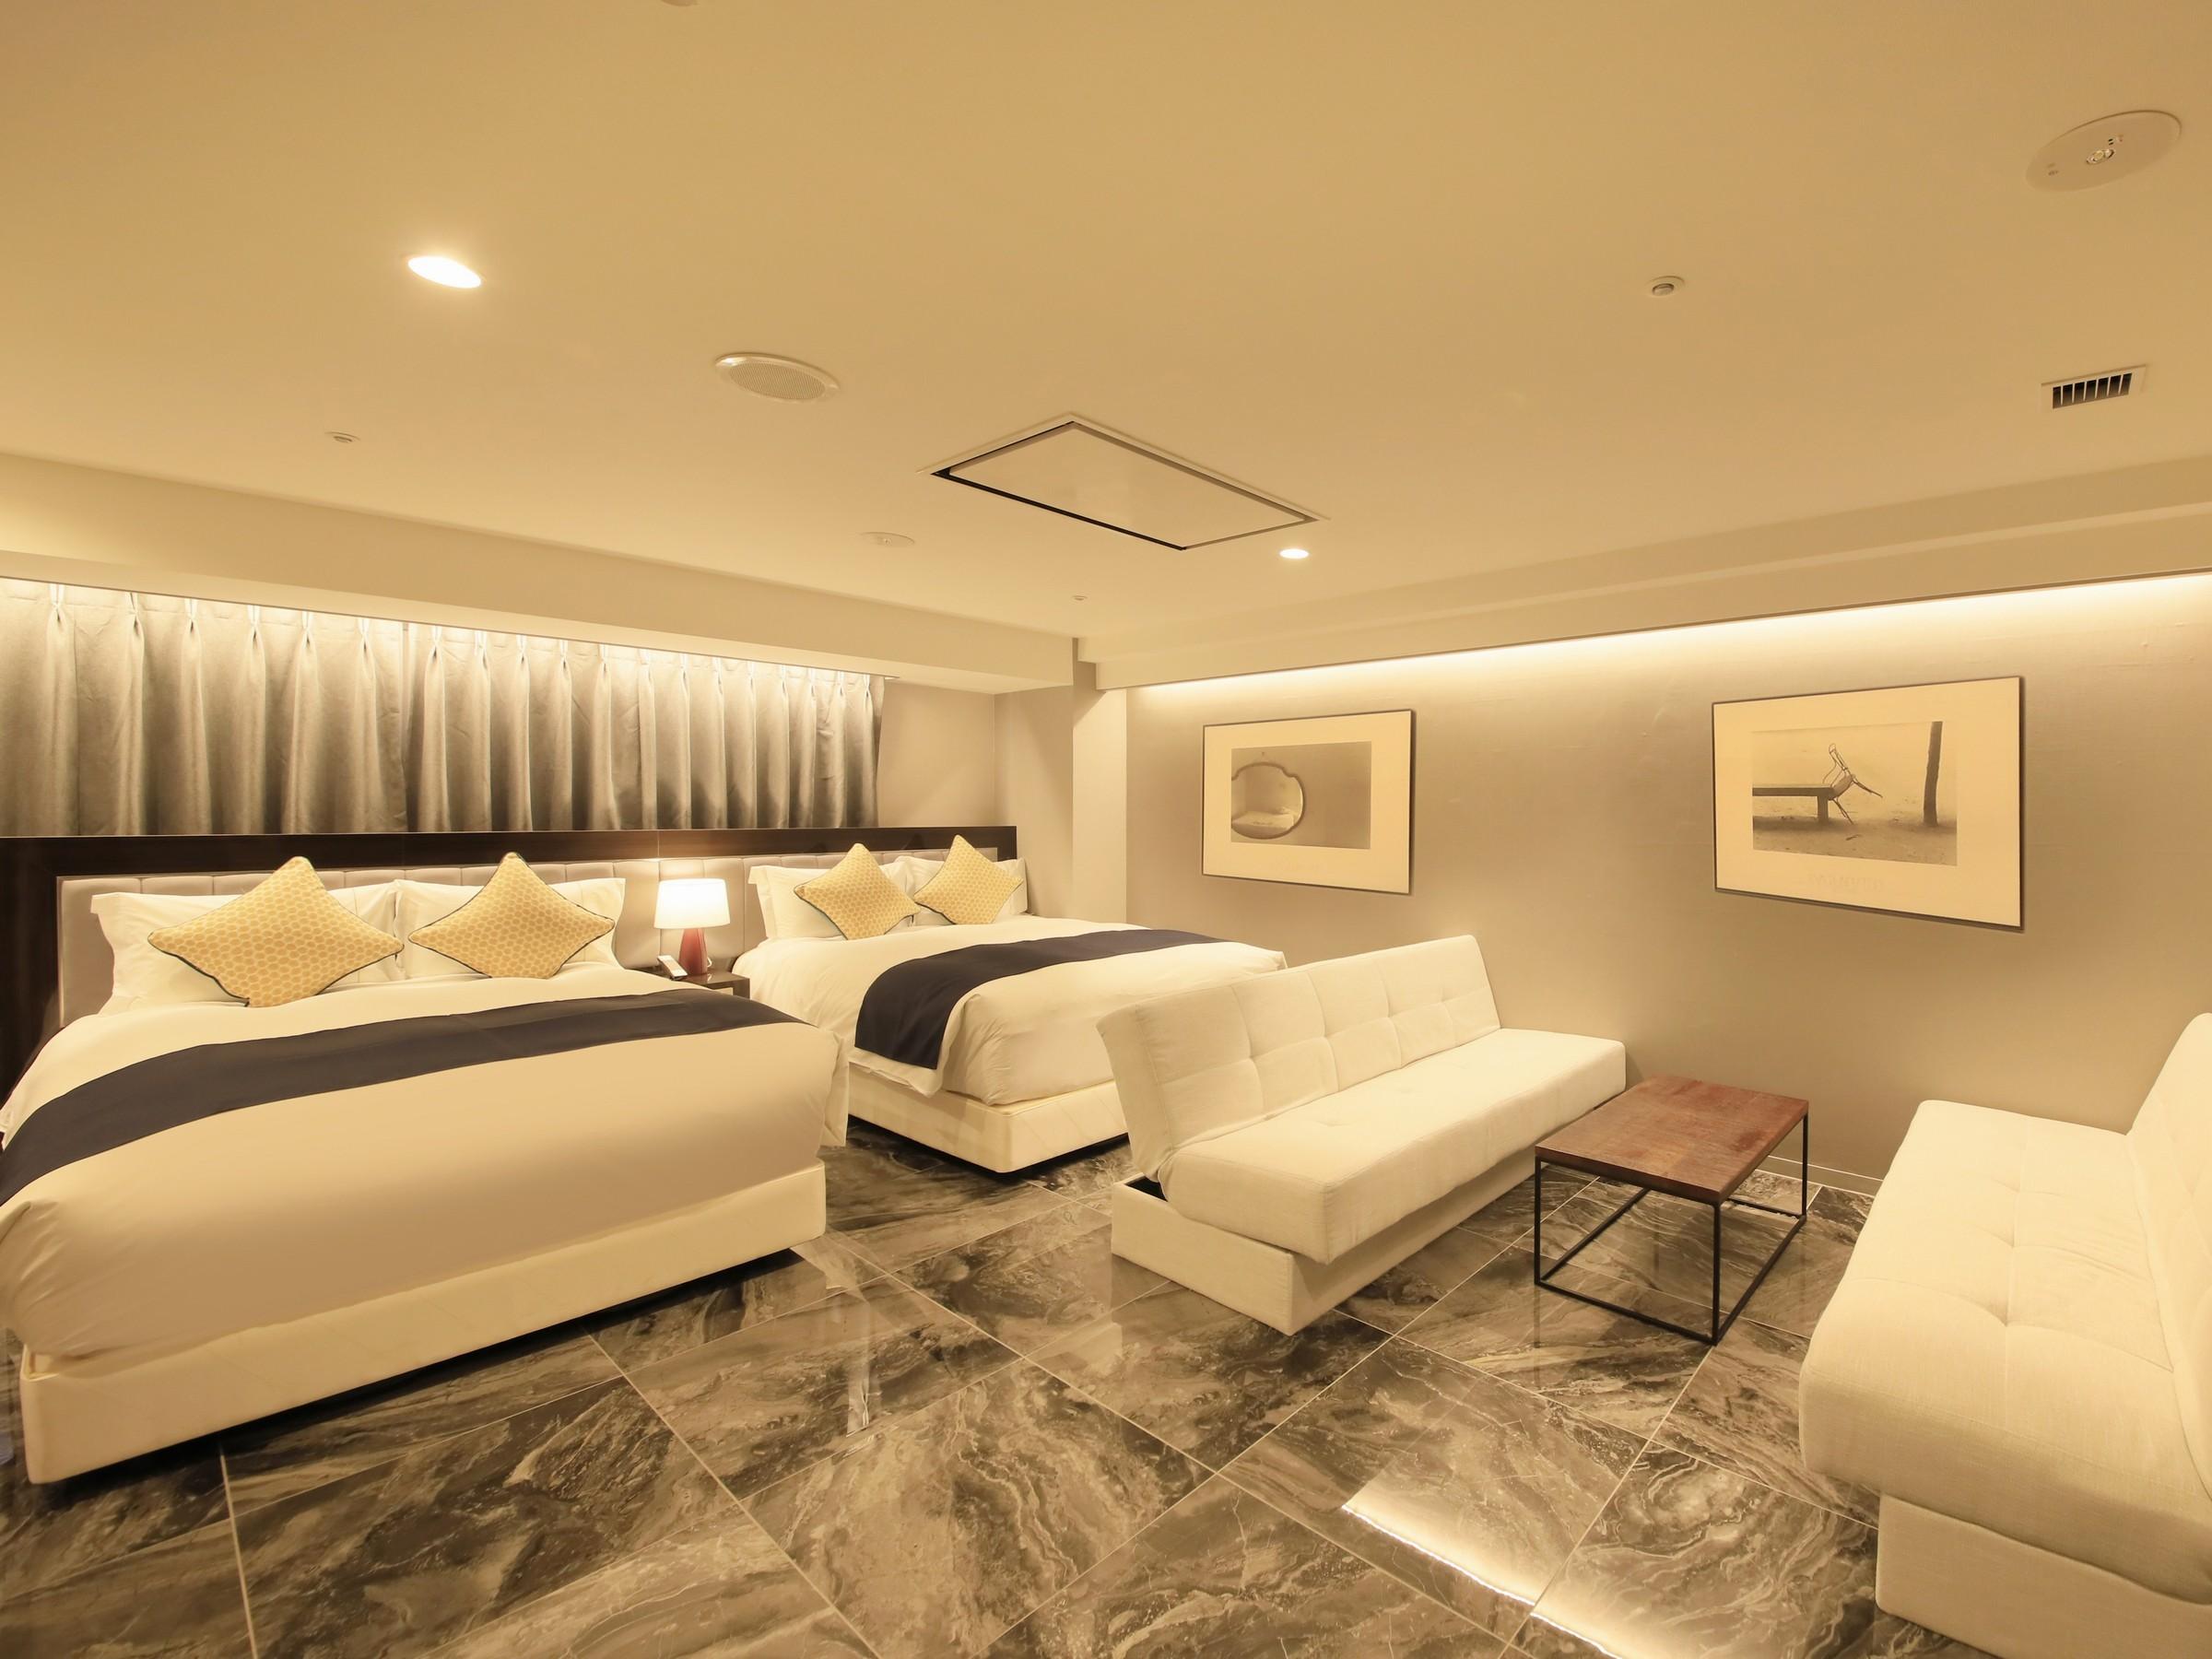 センチュリオンホテル札幌 / ◆全室禁煙◆スーペリアファミリー《1-6名様》